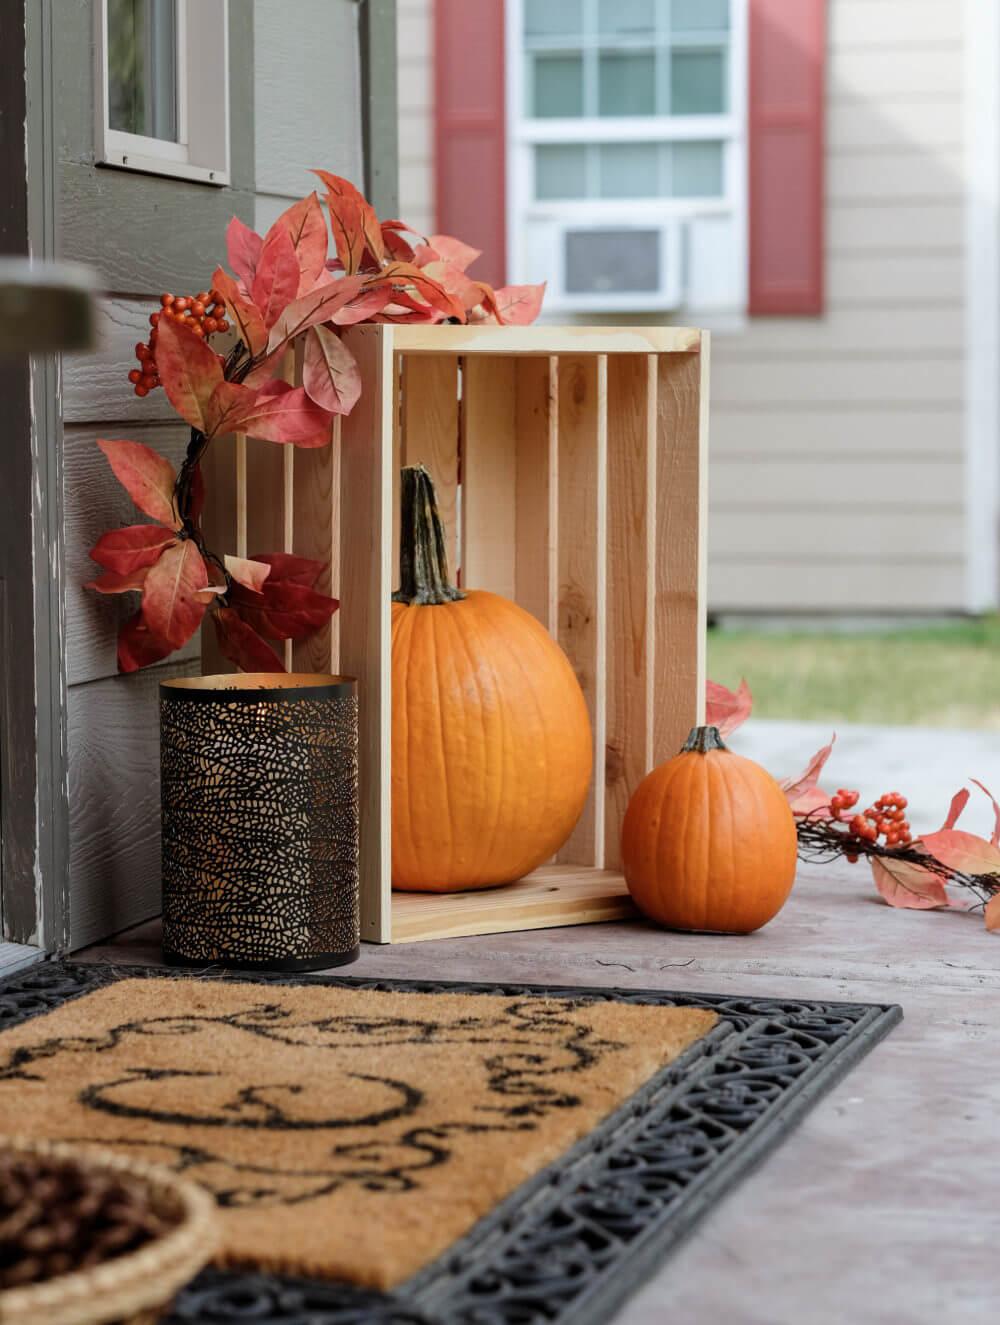 Wooden Crates as Fall Porch Decor